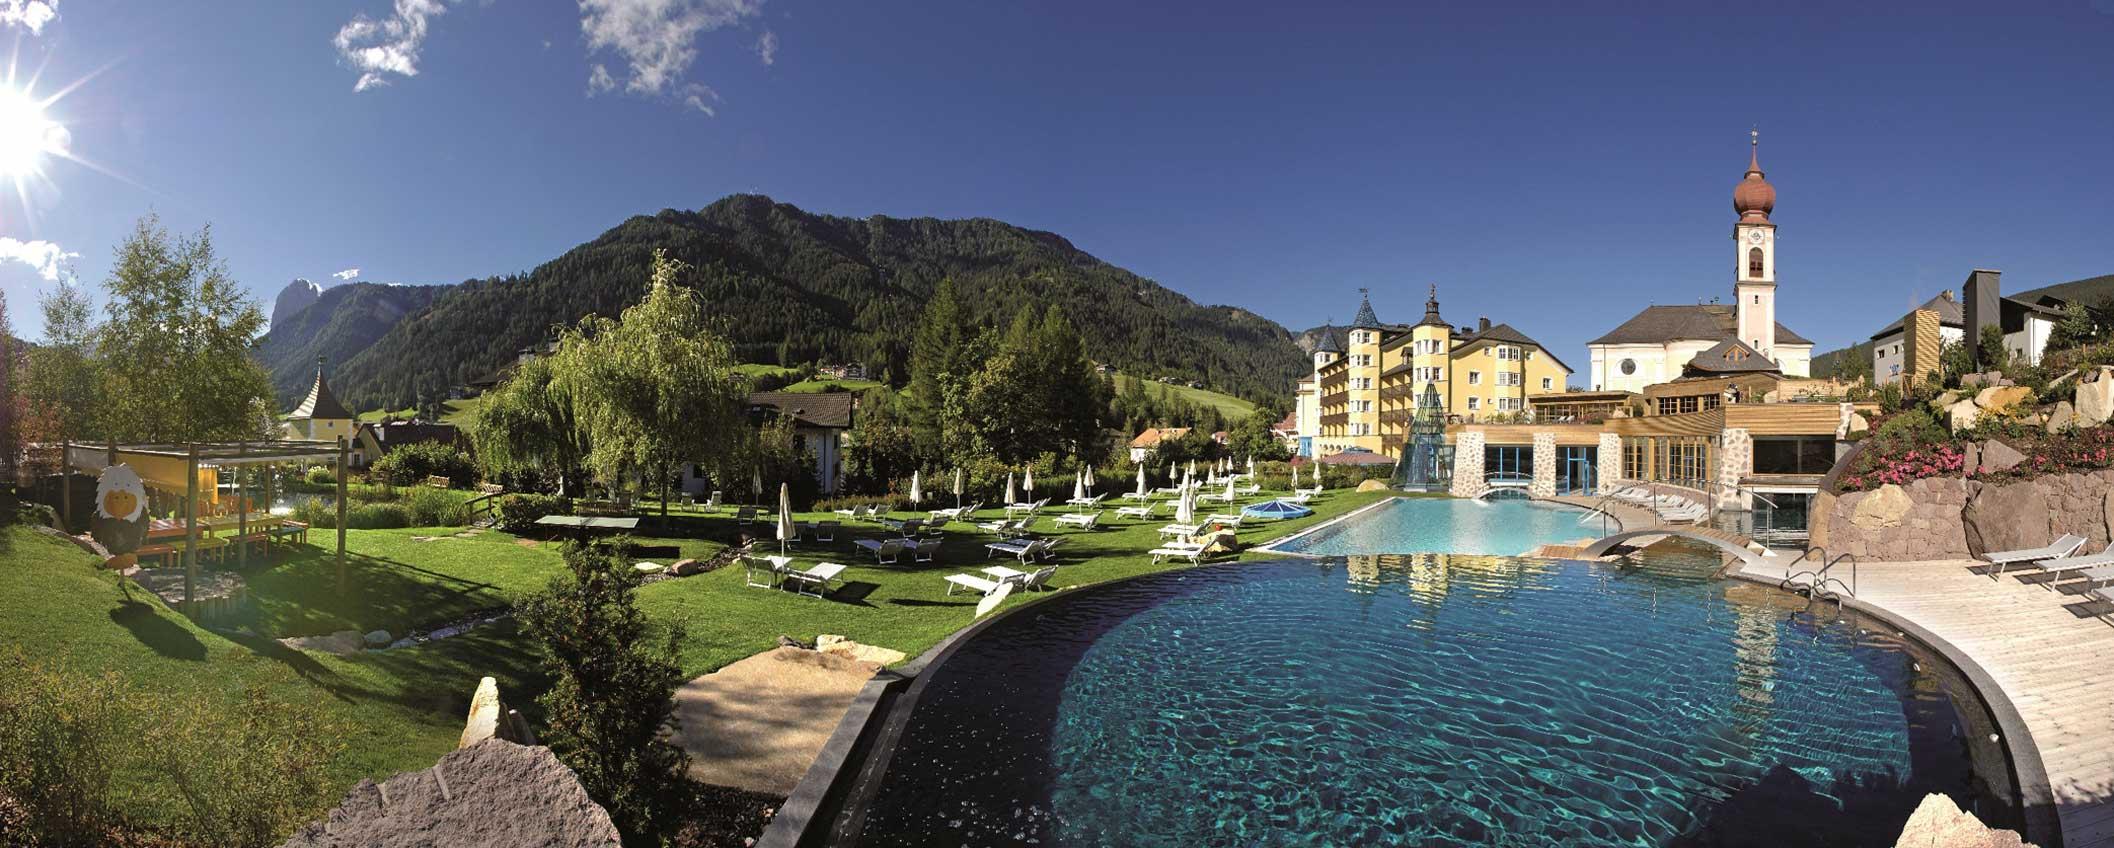 Hotel Adler Benessere & Spa Hotel Alto Adige